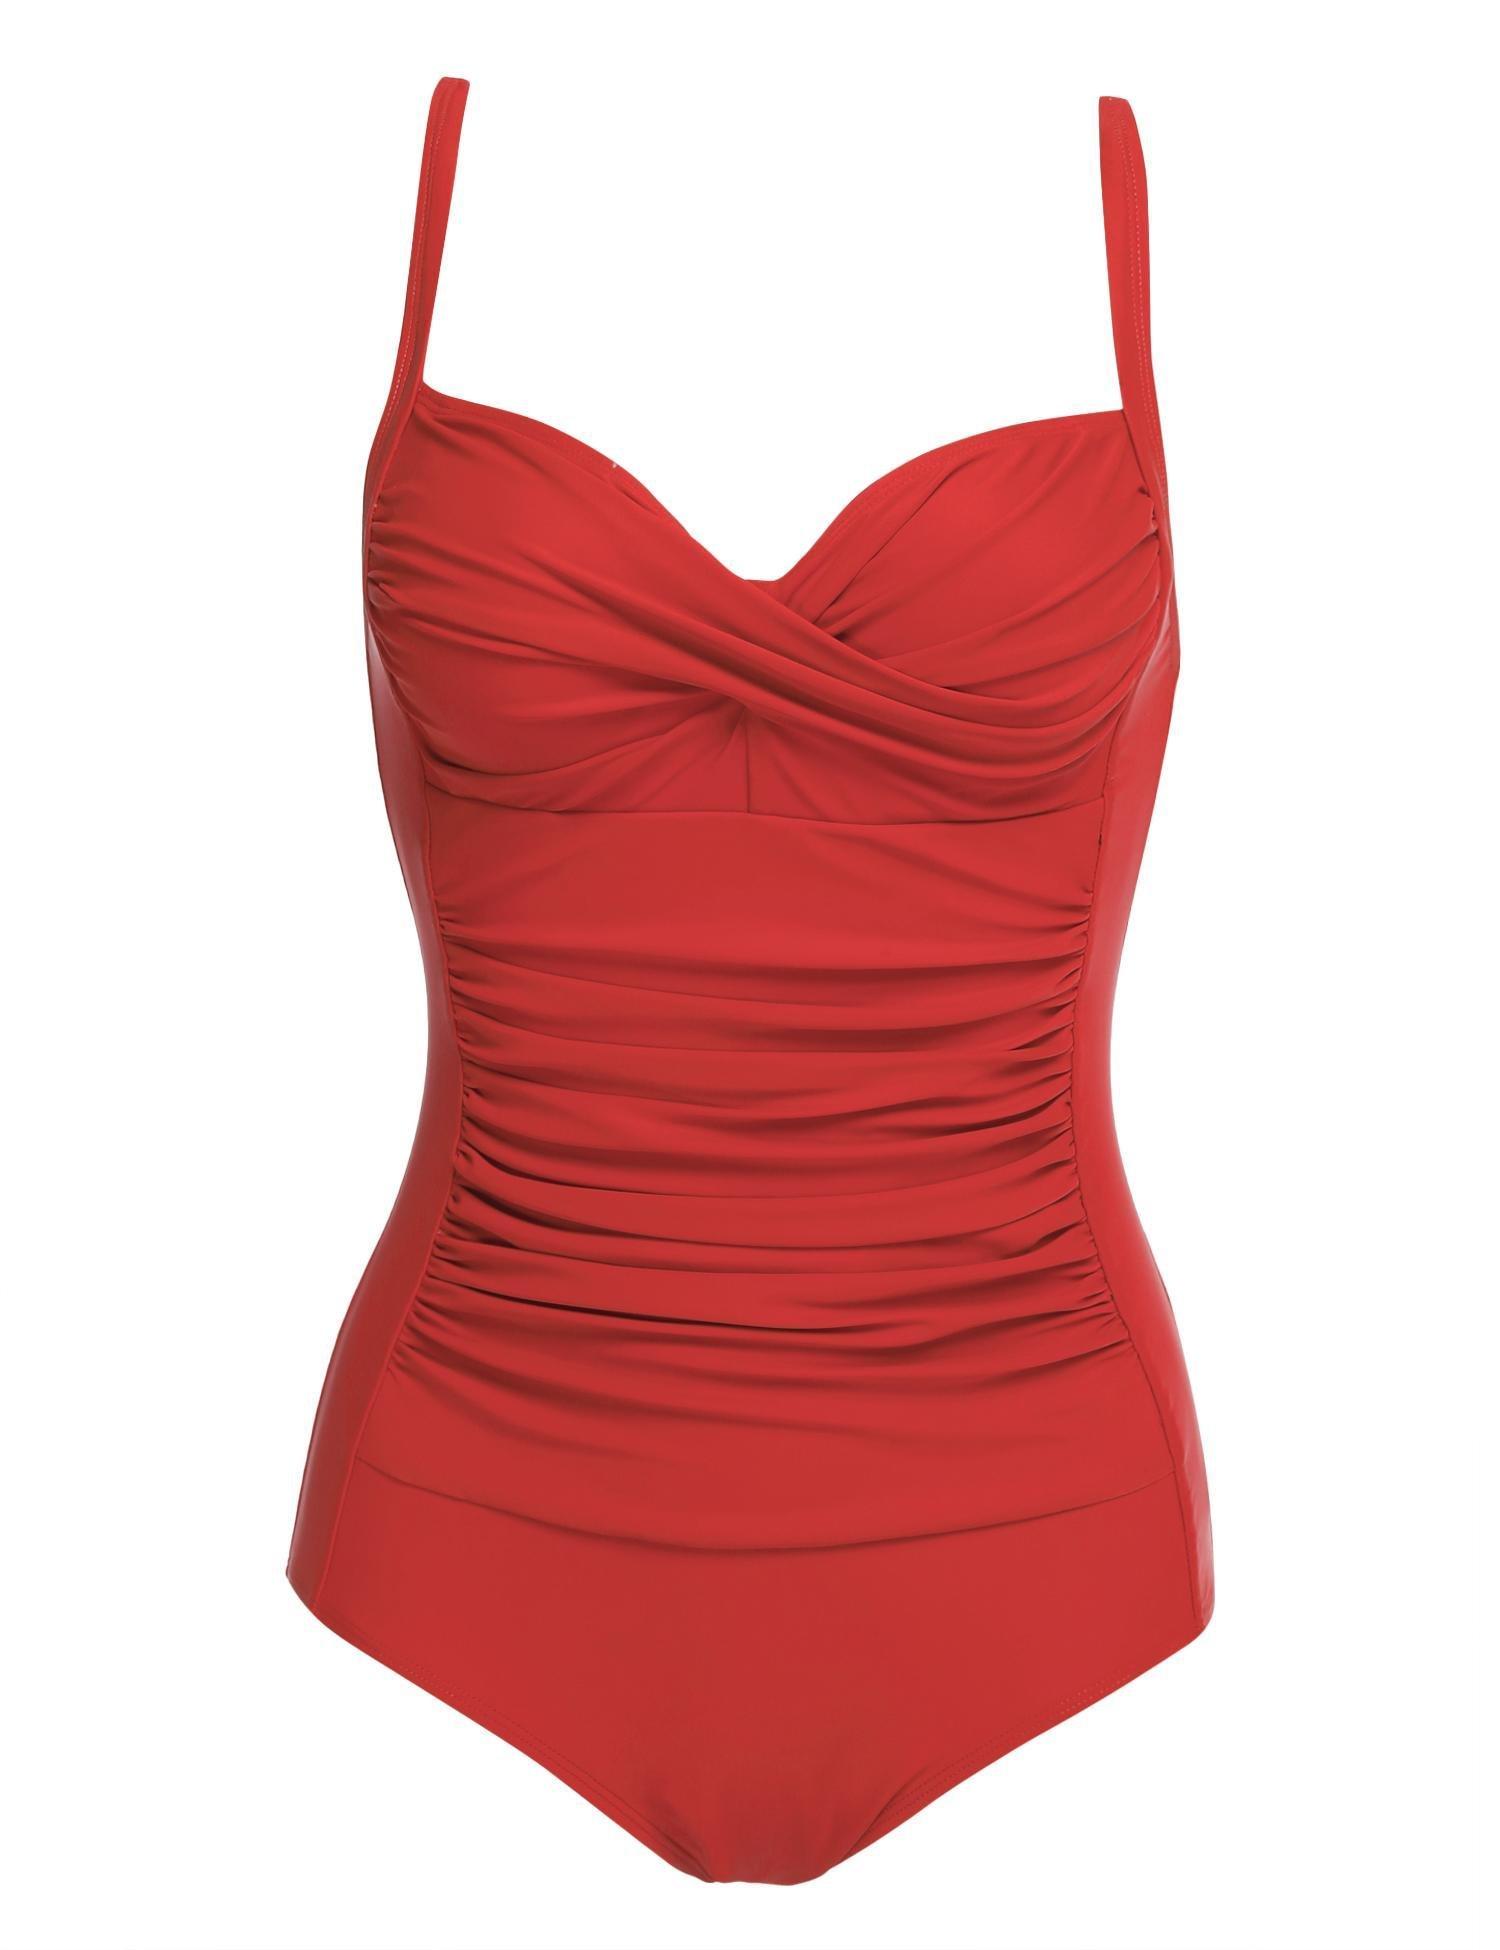 Imposes Mujer Bañadores de Una Pieza Playa Piscina Bikinis Ropa de Baño product image